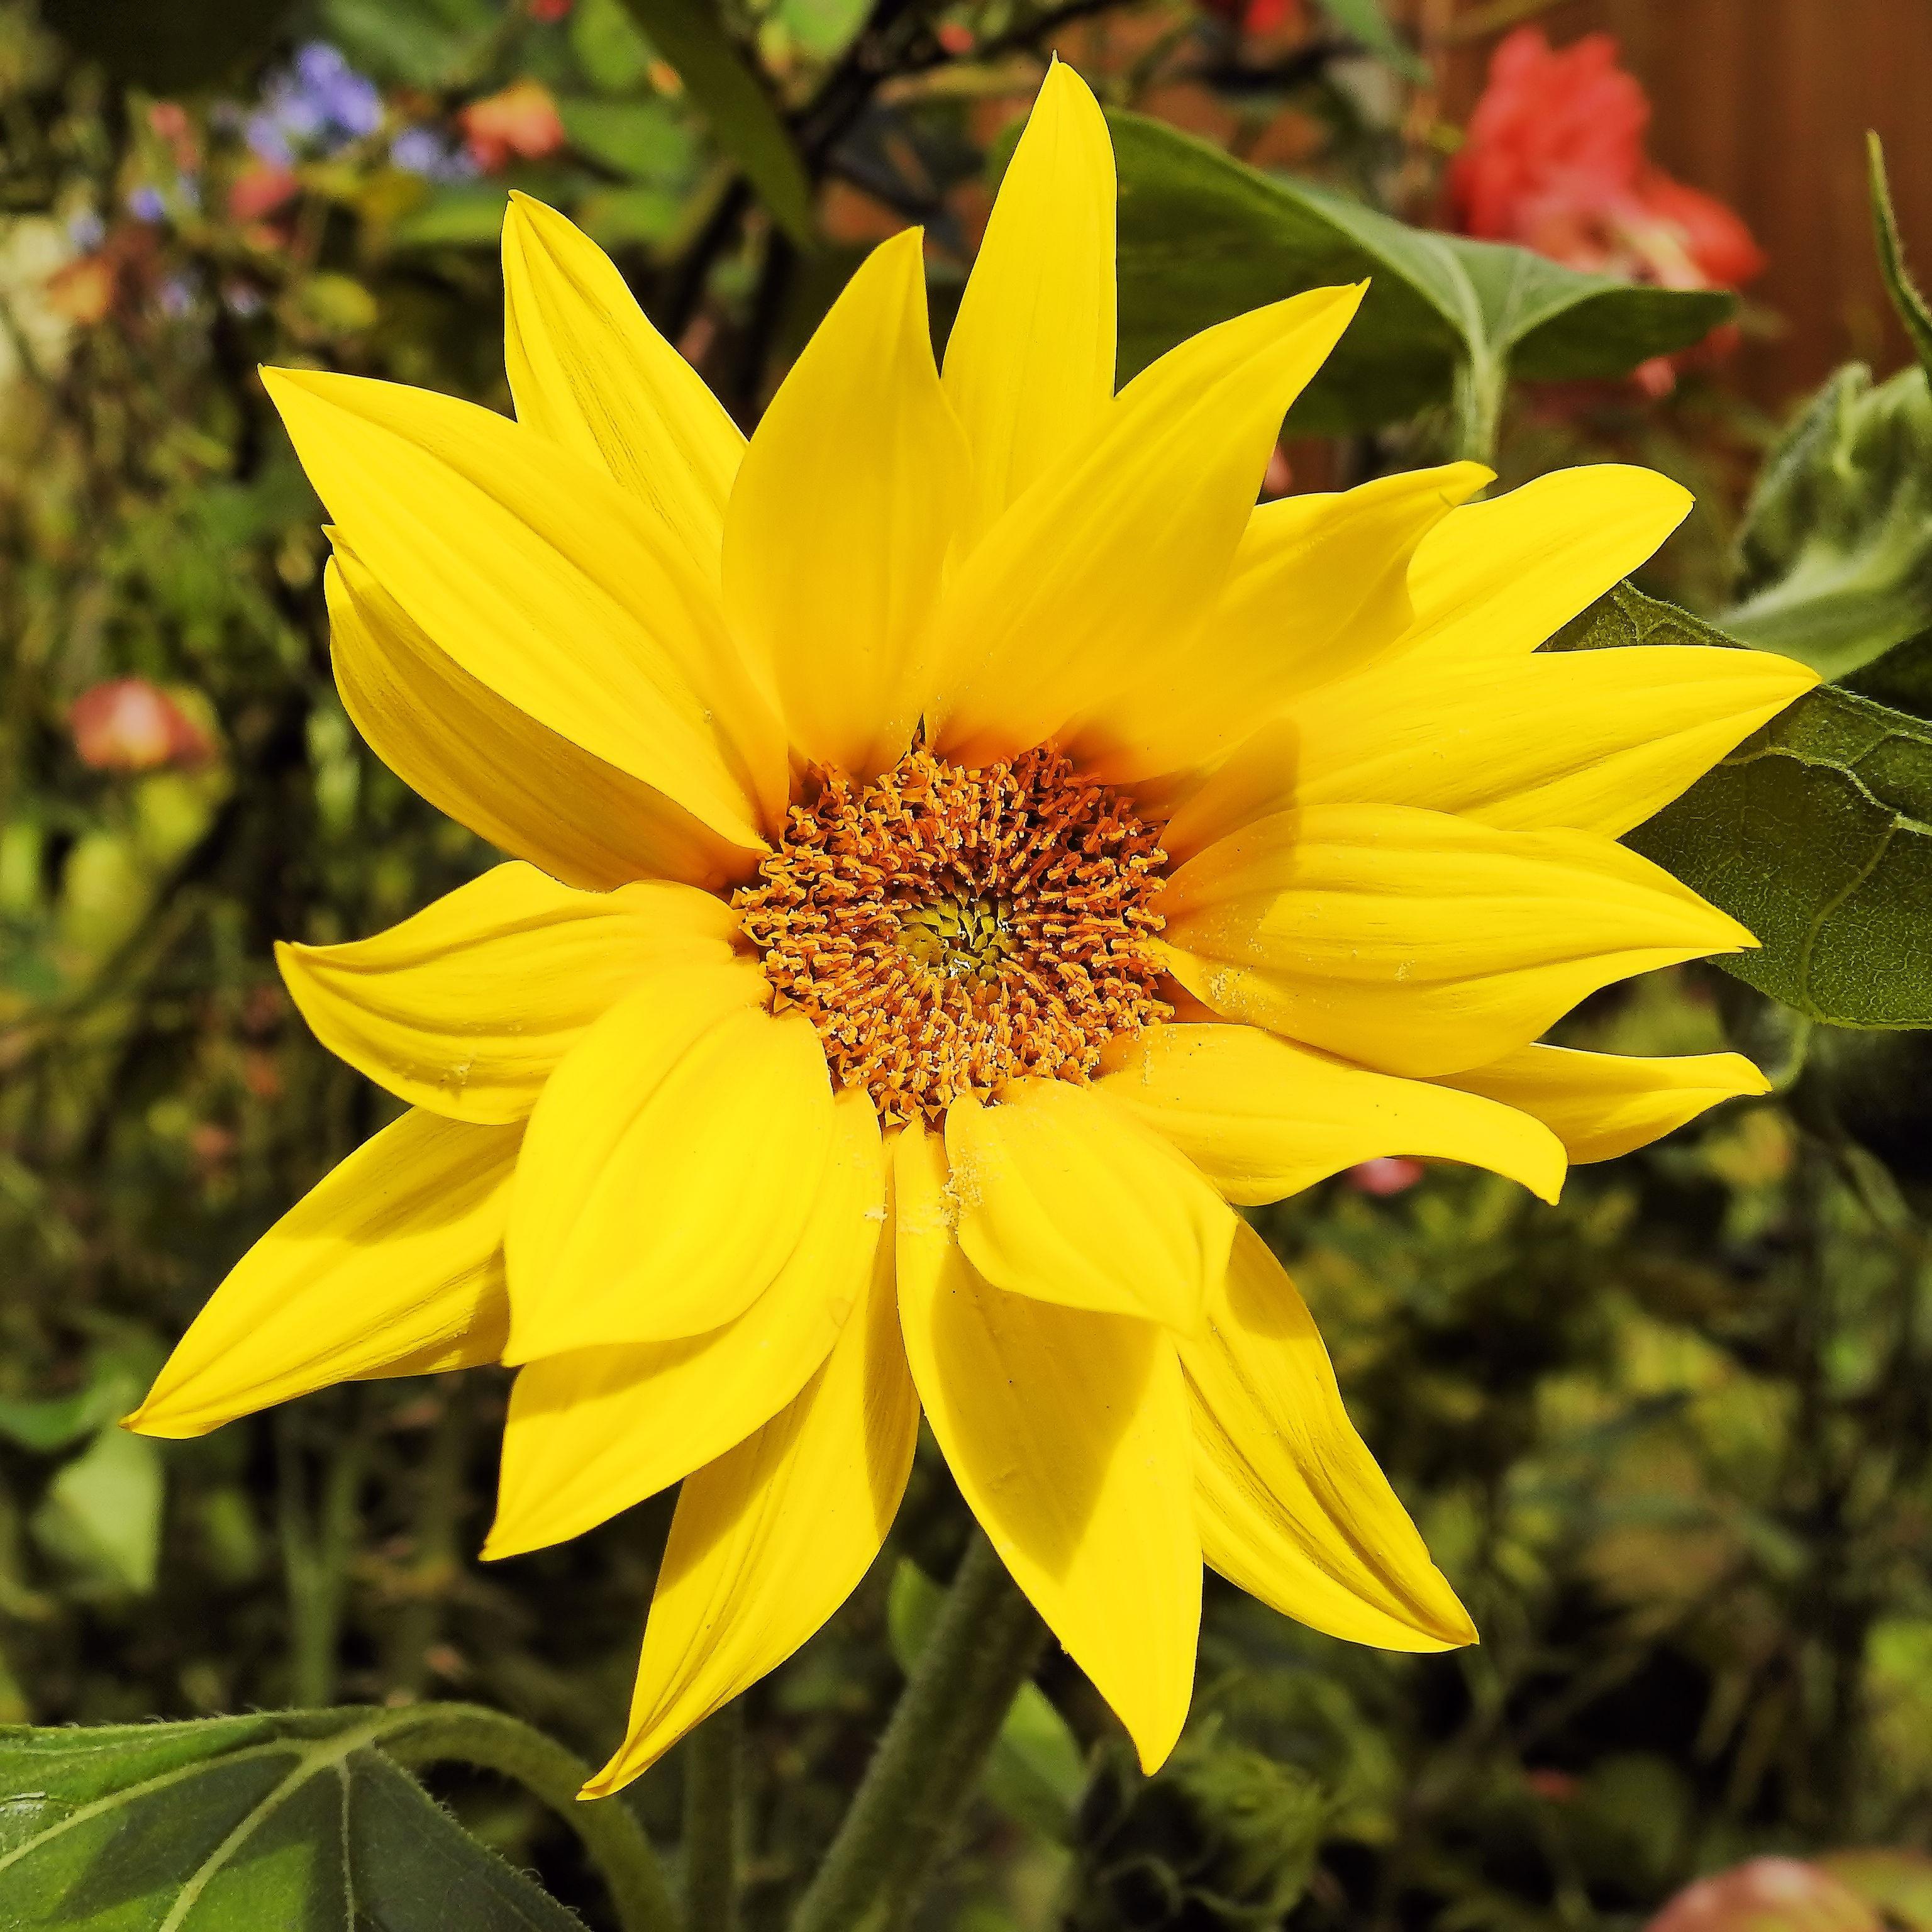 images gratuites : fleur, pétale, floraison, botanique, jaune